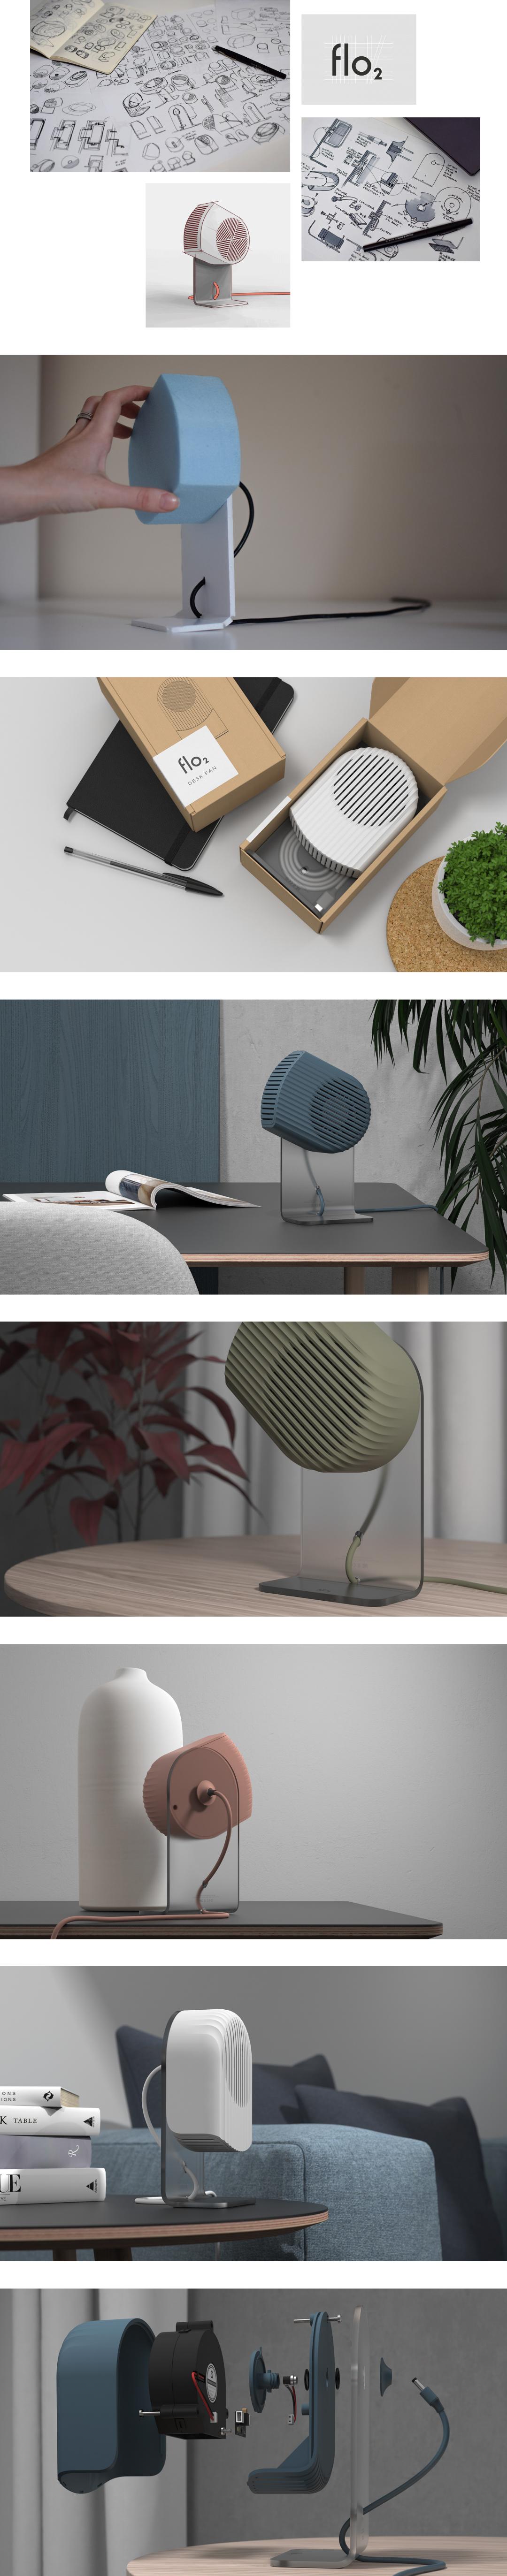 Industrial Design,Product Design,Interior Design